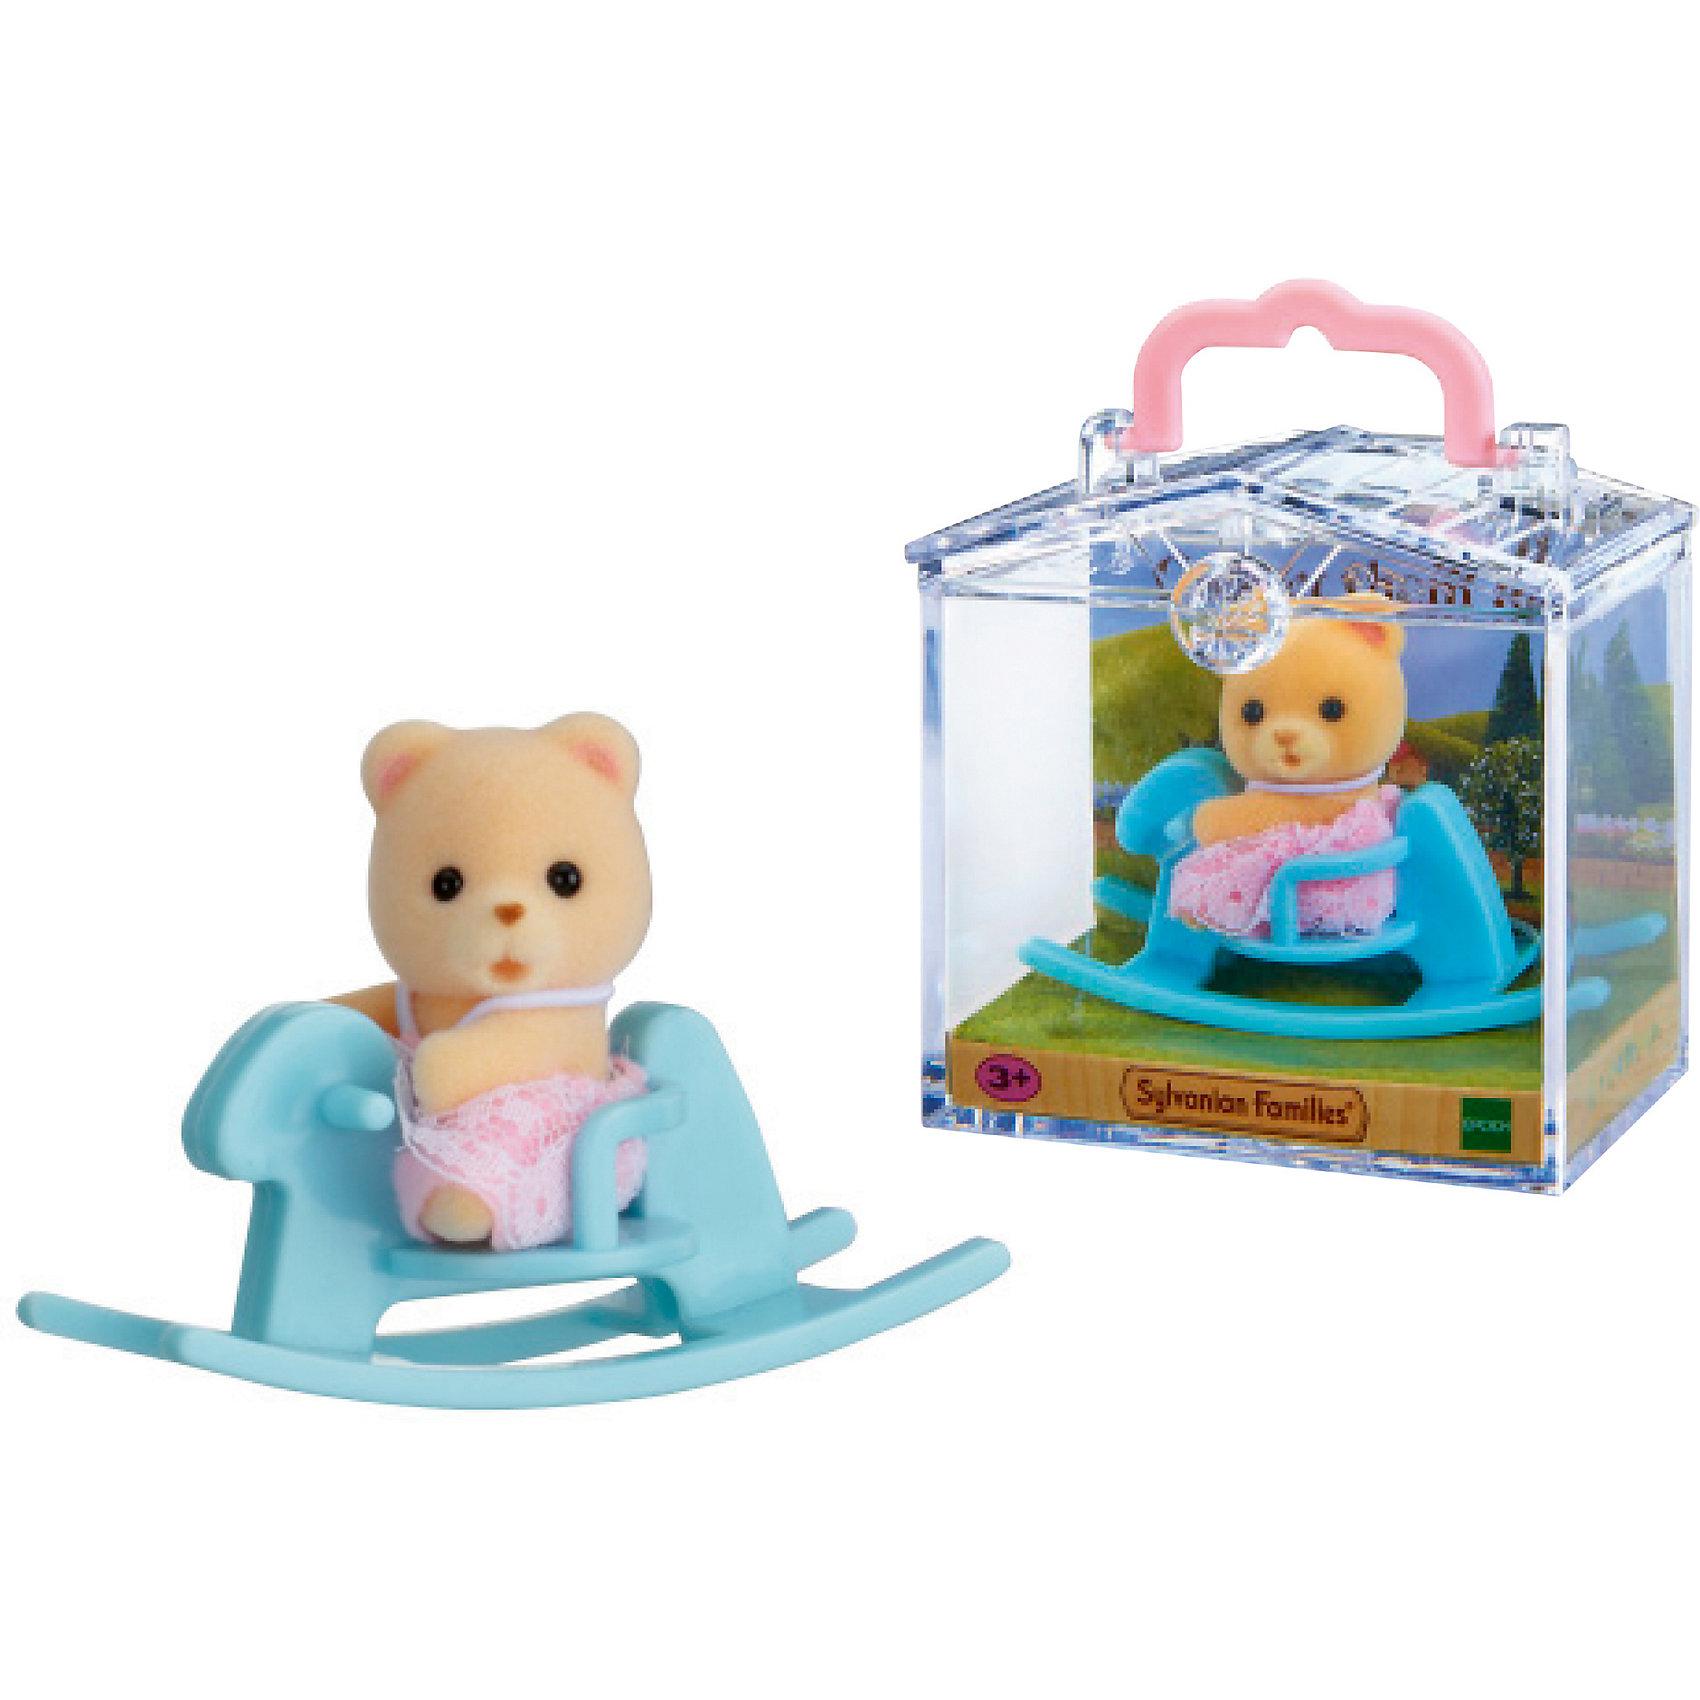 Набор Младенец в пластиковом сундучке  (медвежонок на качалке), Sylvanian FamiliesSylvanian Families<br>Sylvanian Families (Сильваниан Фэмилис) - целый мир, в котором живут маленькие милые зверята -  кролики, белки, медведи, лисы и многие другие. У каждого из них есть дом. Познакомься с малышом-медвежонком, он еще совсем маленький и так нуждается в твоей помощи и заботе, покачай его на замечательной качалке. Игрушка прекрасно подходит для сюжетно-ролевых игр детей, развивает социальные навыки, мелкую моторику и воображение. Все детали набора выполнены их высококачественных, нетоксичных безопасных материалов. <br><br>Дополнительная информация:<br><br>- Комплектация: малыш-медвежонок, качалка.<br>- Материал: пластик, текстиль, флок.<br><br>Набор Младенец в пластиковом сундучке  (медвежонок на качалке), Sylvanian Families (Сильваниан Фэмилис), можно купить в нашем магазине.<br><br>Ширина мм: 275<br>Глубина мм: 267<br>Высота мм: 512<br>Вес г: 117<br>Возраст от месяцев: 36<br>Возраст до месяцев: 72<br>Пол: Женский<br>Возраст: Детский<br>SKU: 4177964